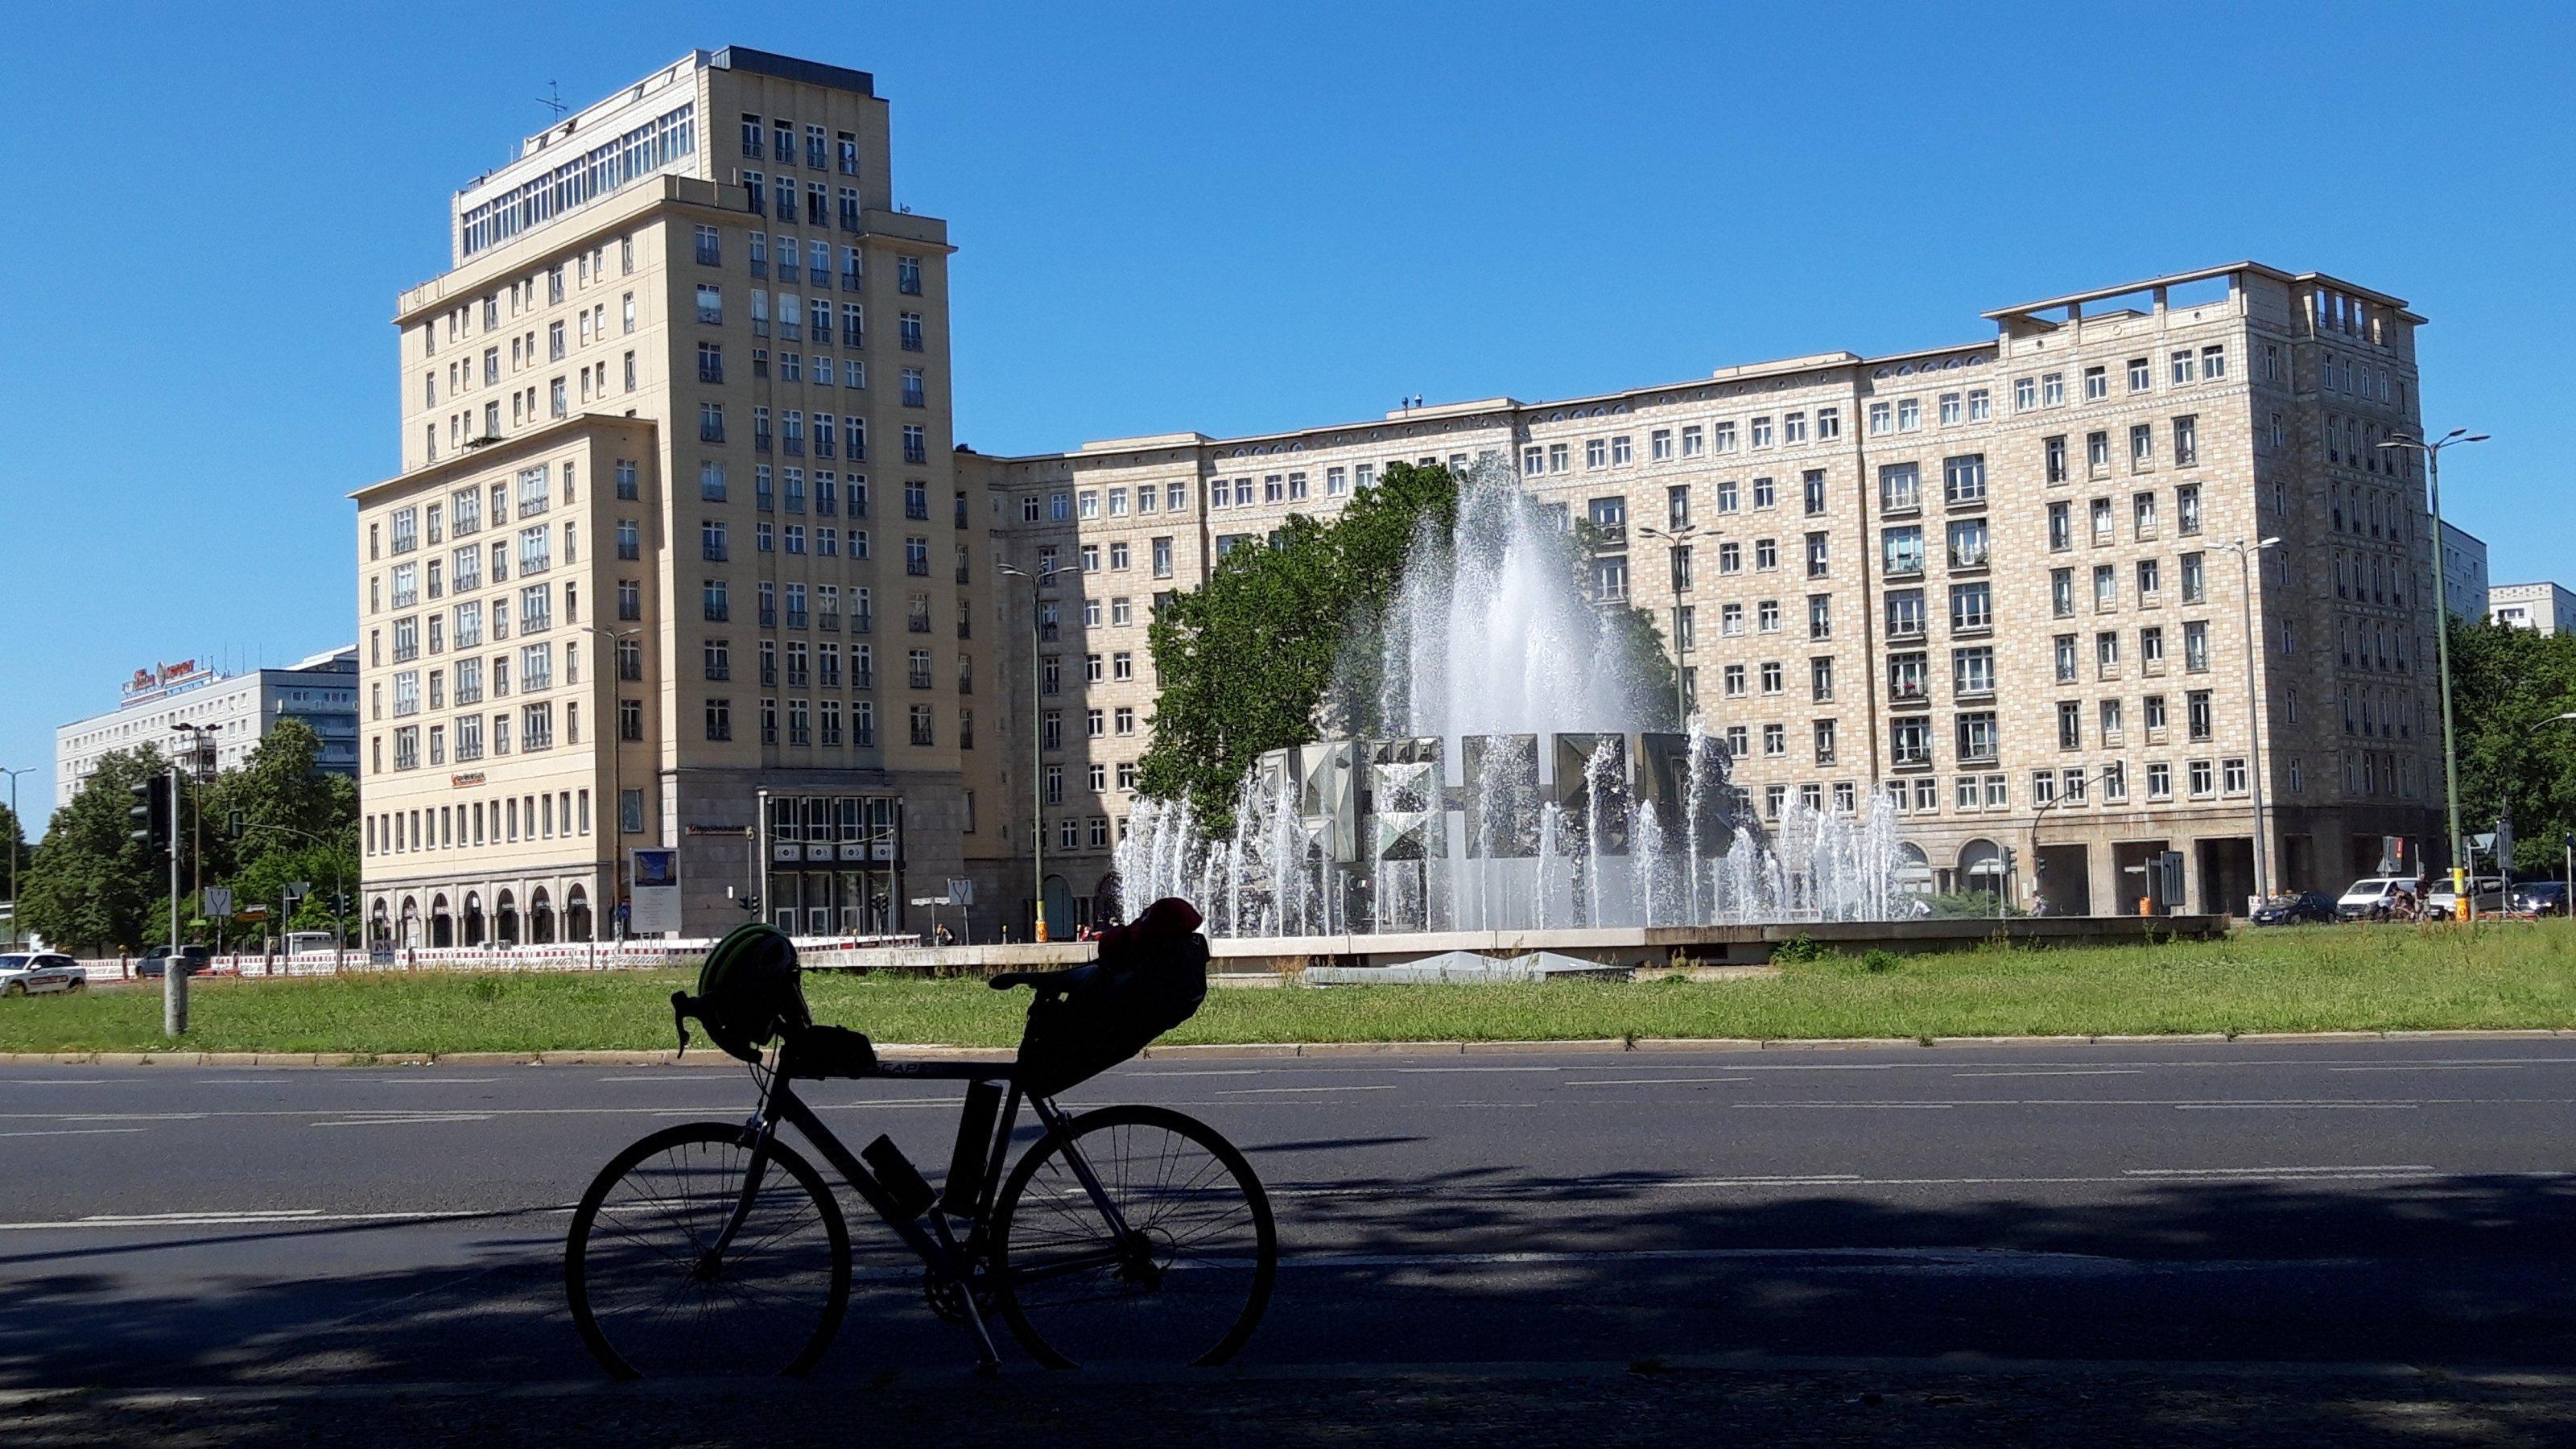 Springbrunnen vor brutalistischer Architektur.